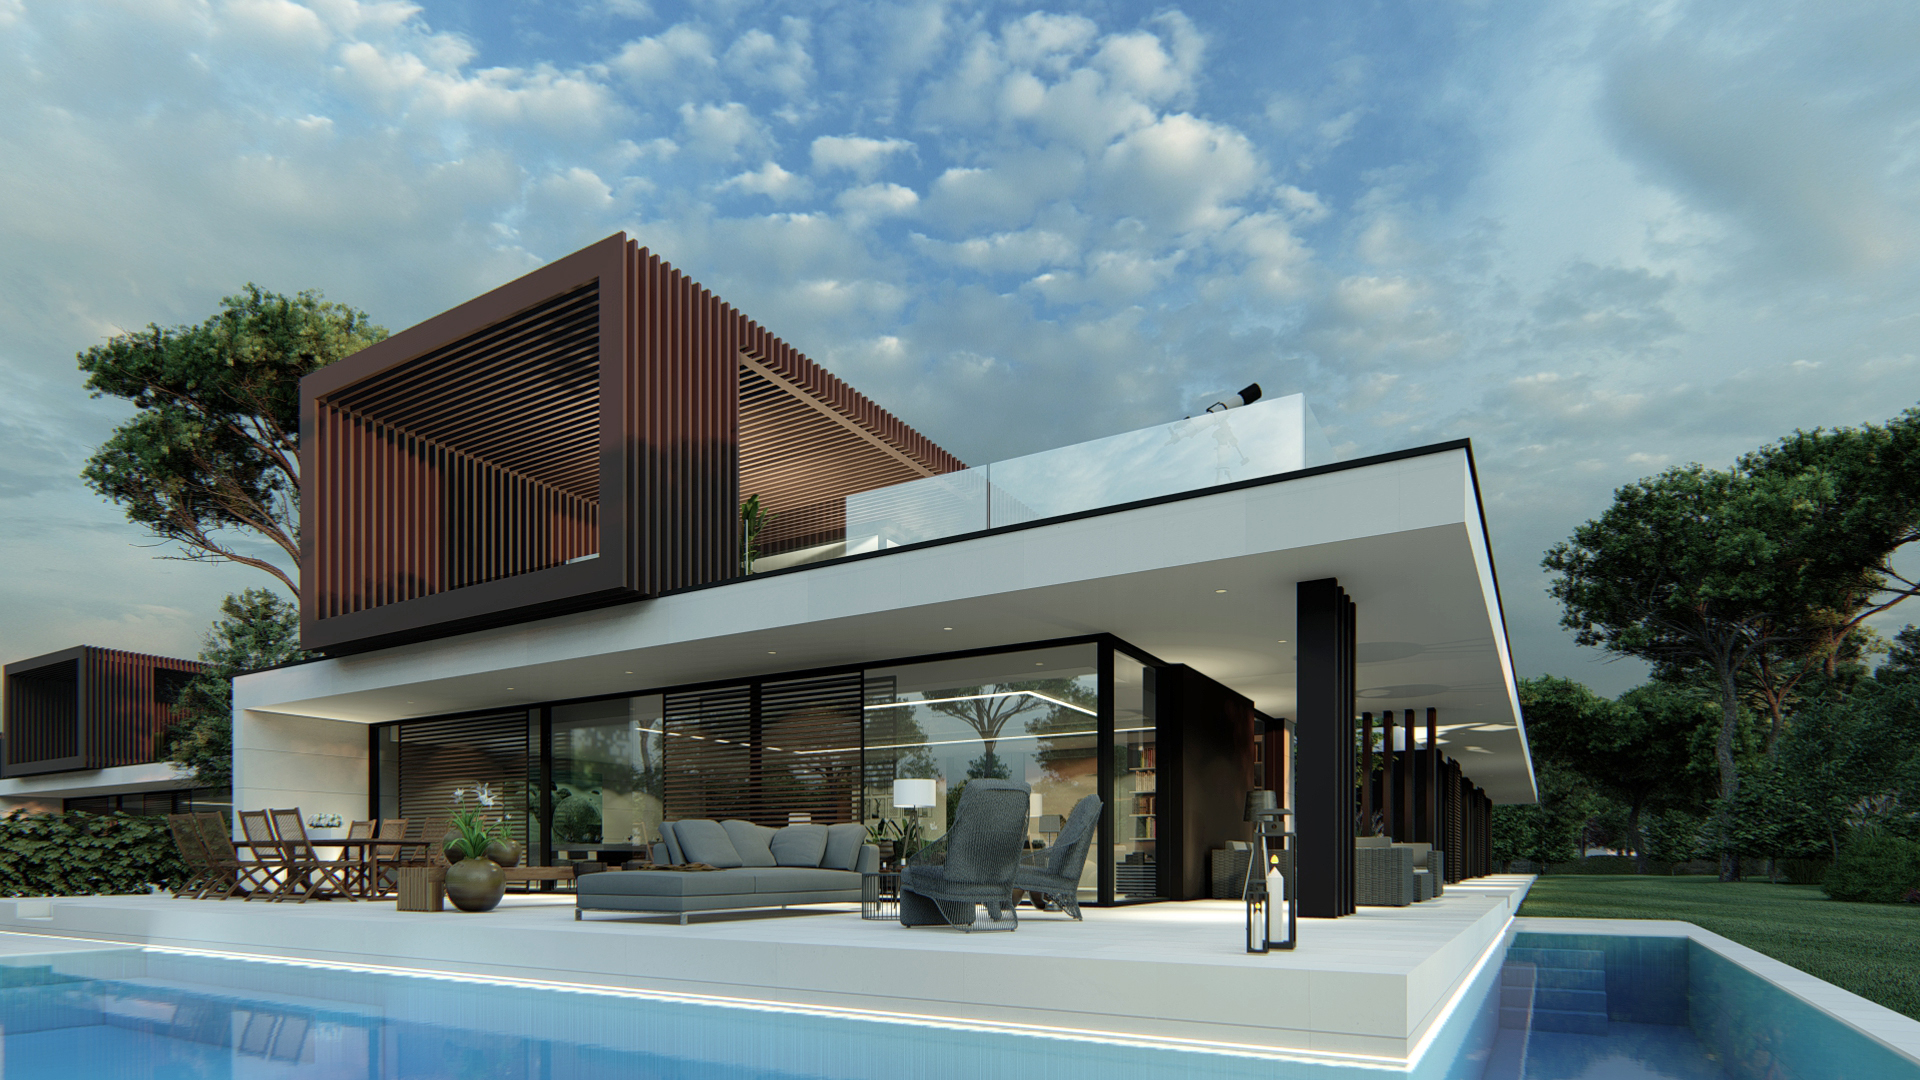 3 Viviendas Unifamiliares en Encinas, Boadilla del Monte, Madrid.Un proyecto del estudio de arquitectura FH2L Arquitectos.